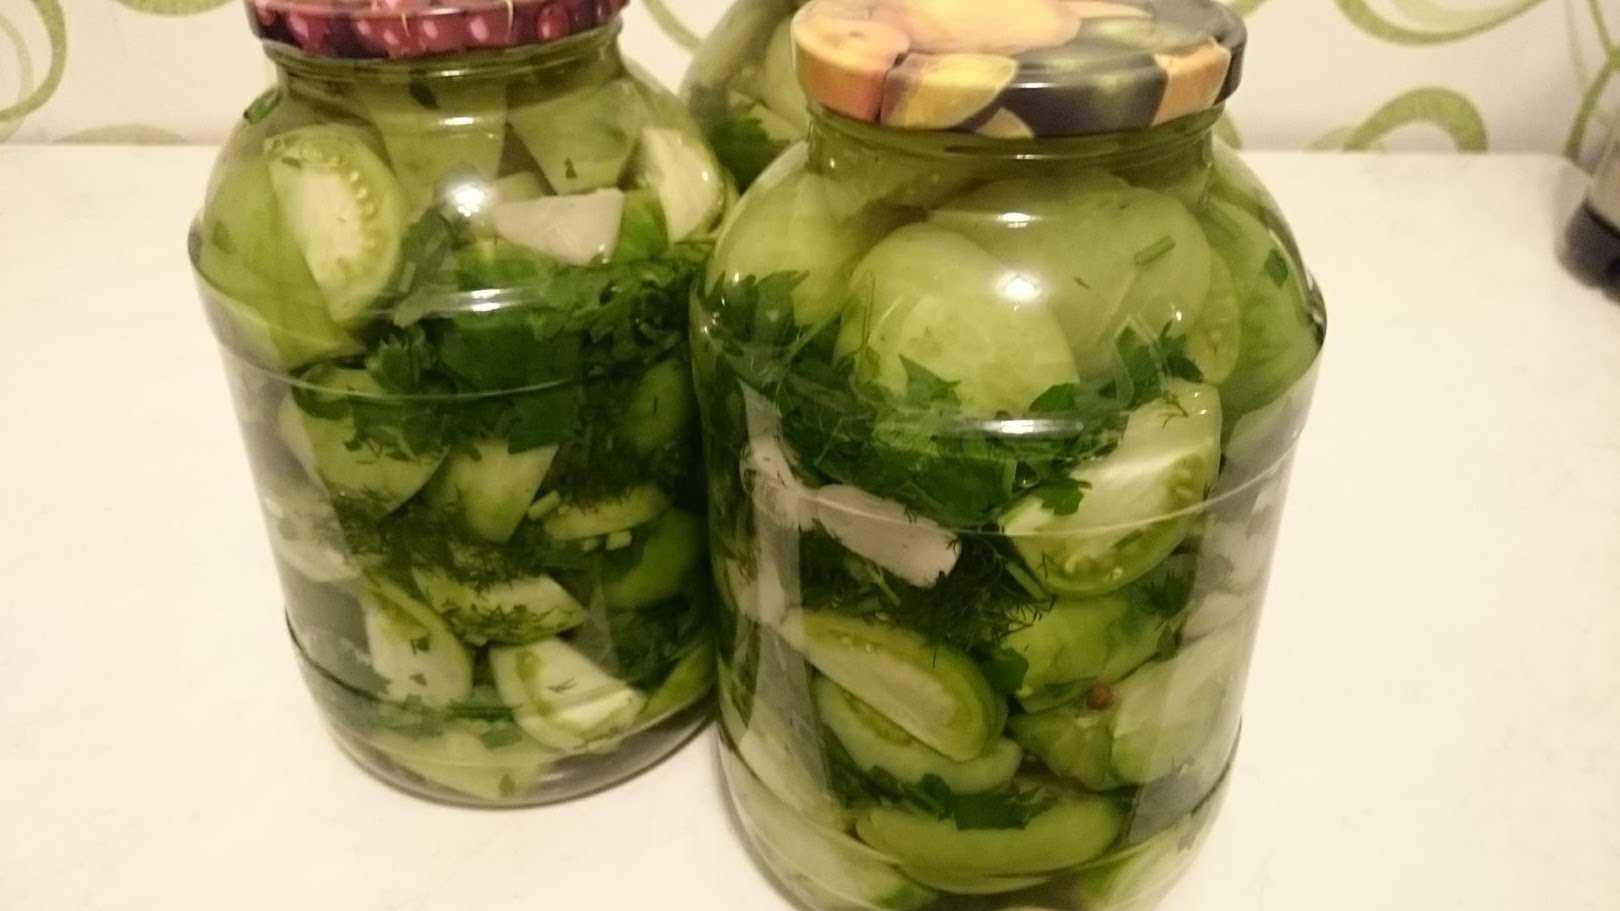 Салат из зеленых помидоров - вкусные рецепты оригинальной домашней консервации - будет вкусно! - медиаплатформа миртесен